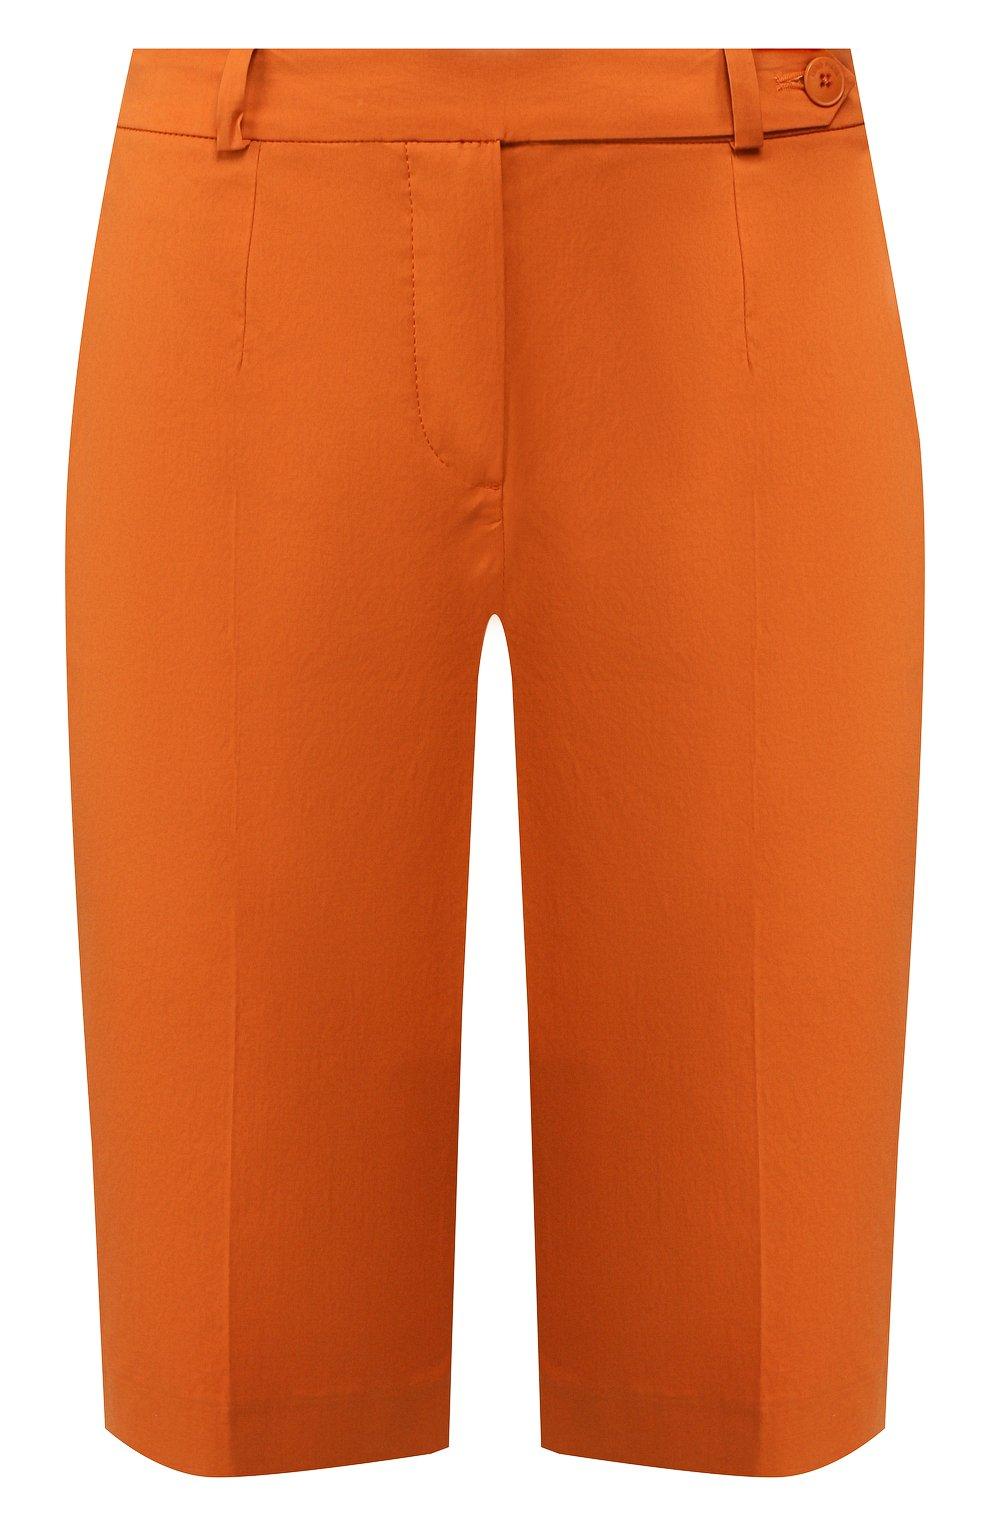 Женские хлопковые шорты LORO PIANA оранжевого цвета, арт. FAI6014 | Фото 1 (Женское Кросс-КТ: Шорты-одежда; Длина Ж (юбки, платья, шорты): Мини; Материал внешний: Хлопок; Стили: Классический, Минимализм, Кэжуэл)